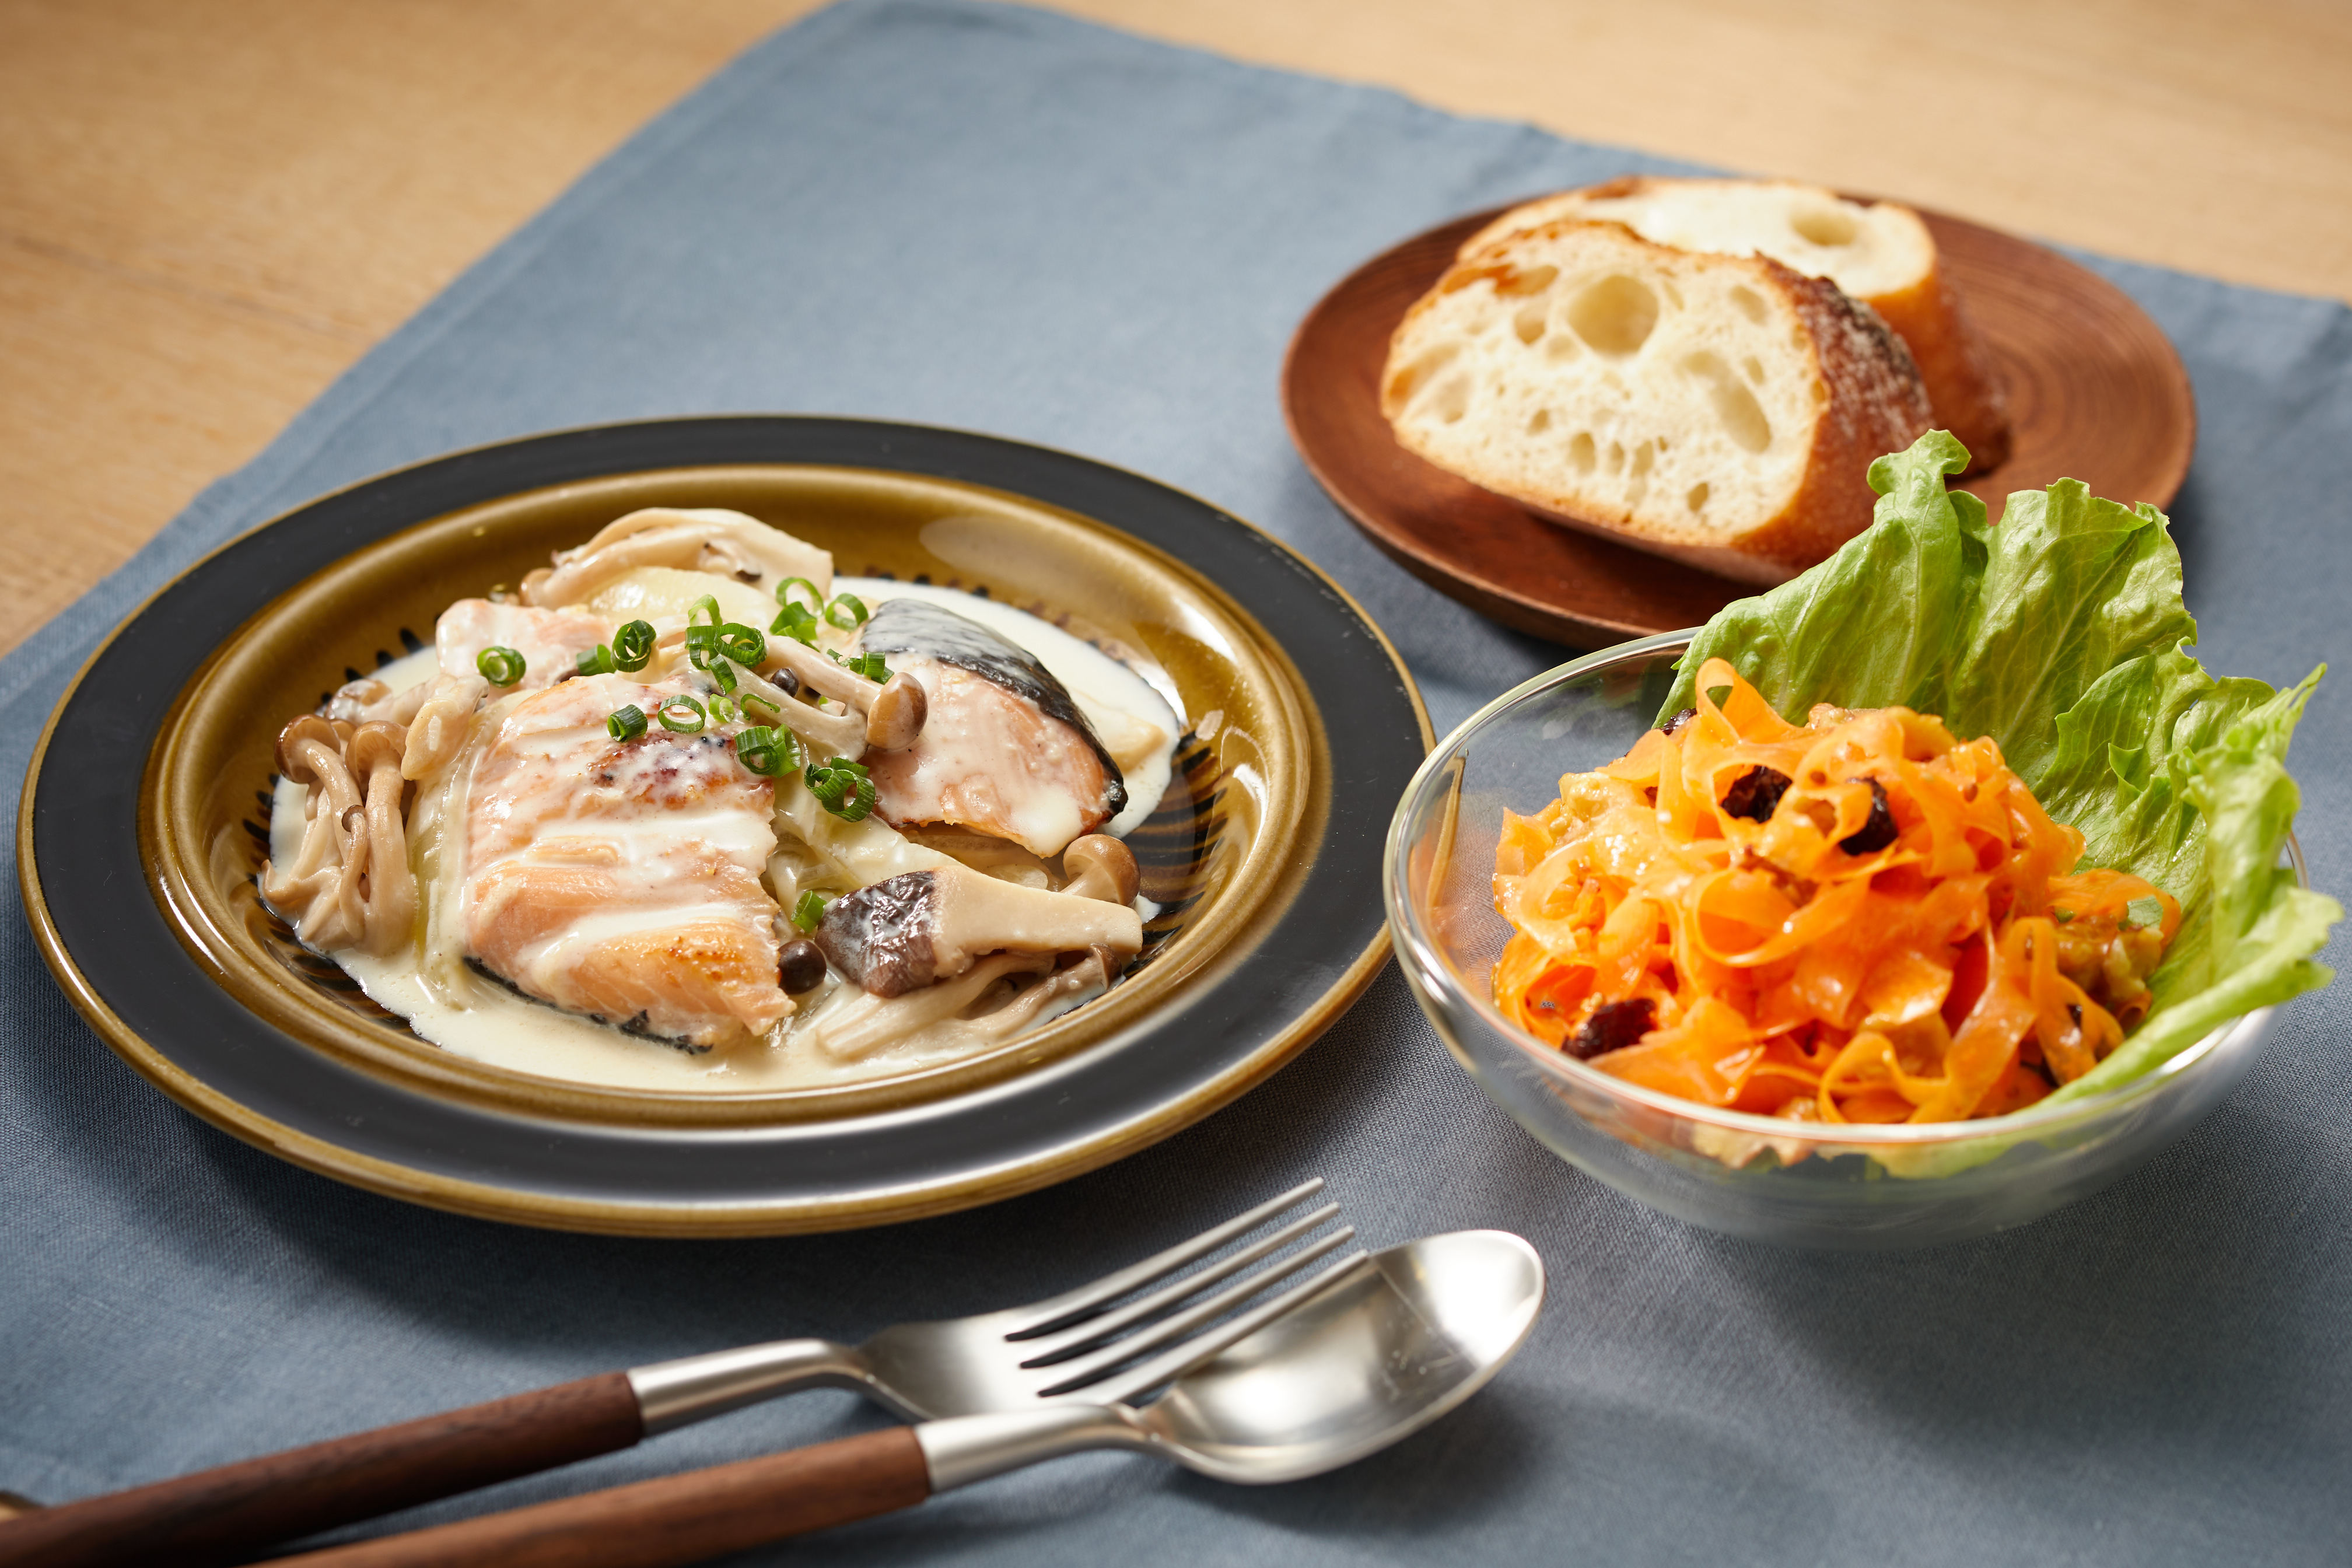 クリーム 煮 鮭 フライパン一つで簡単 白菜と鮭のクリーム煮